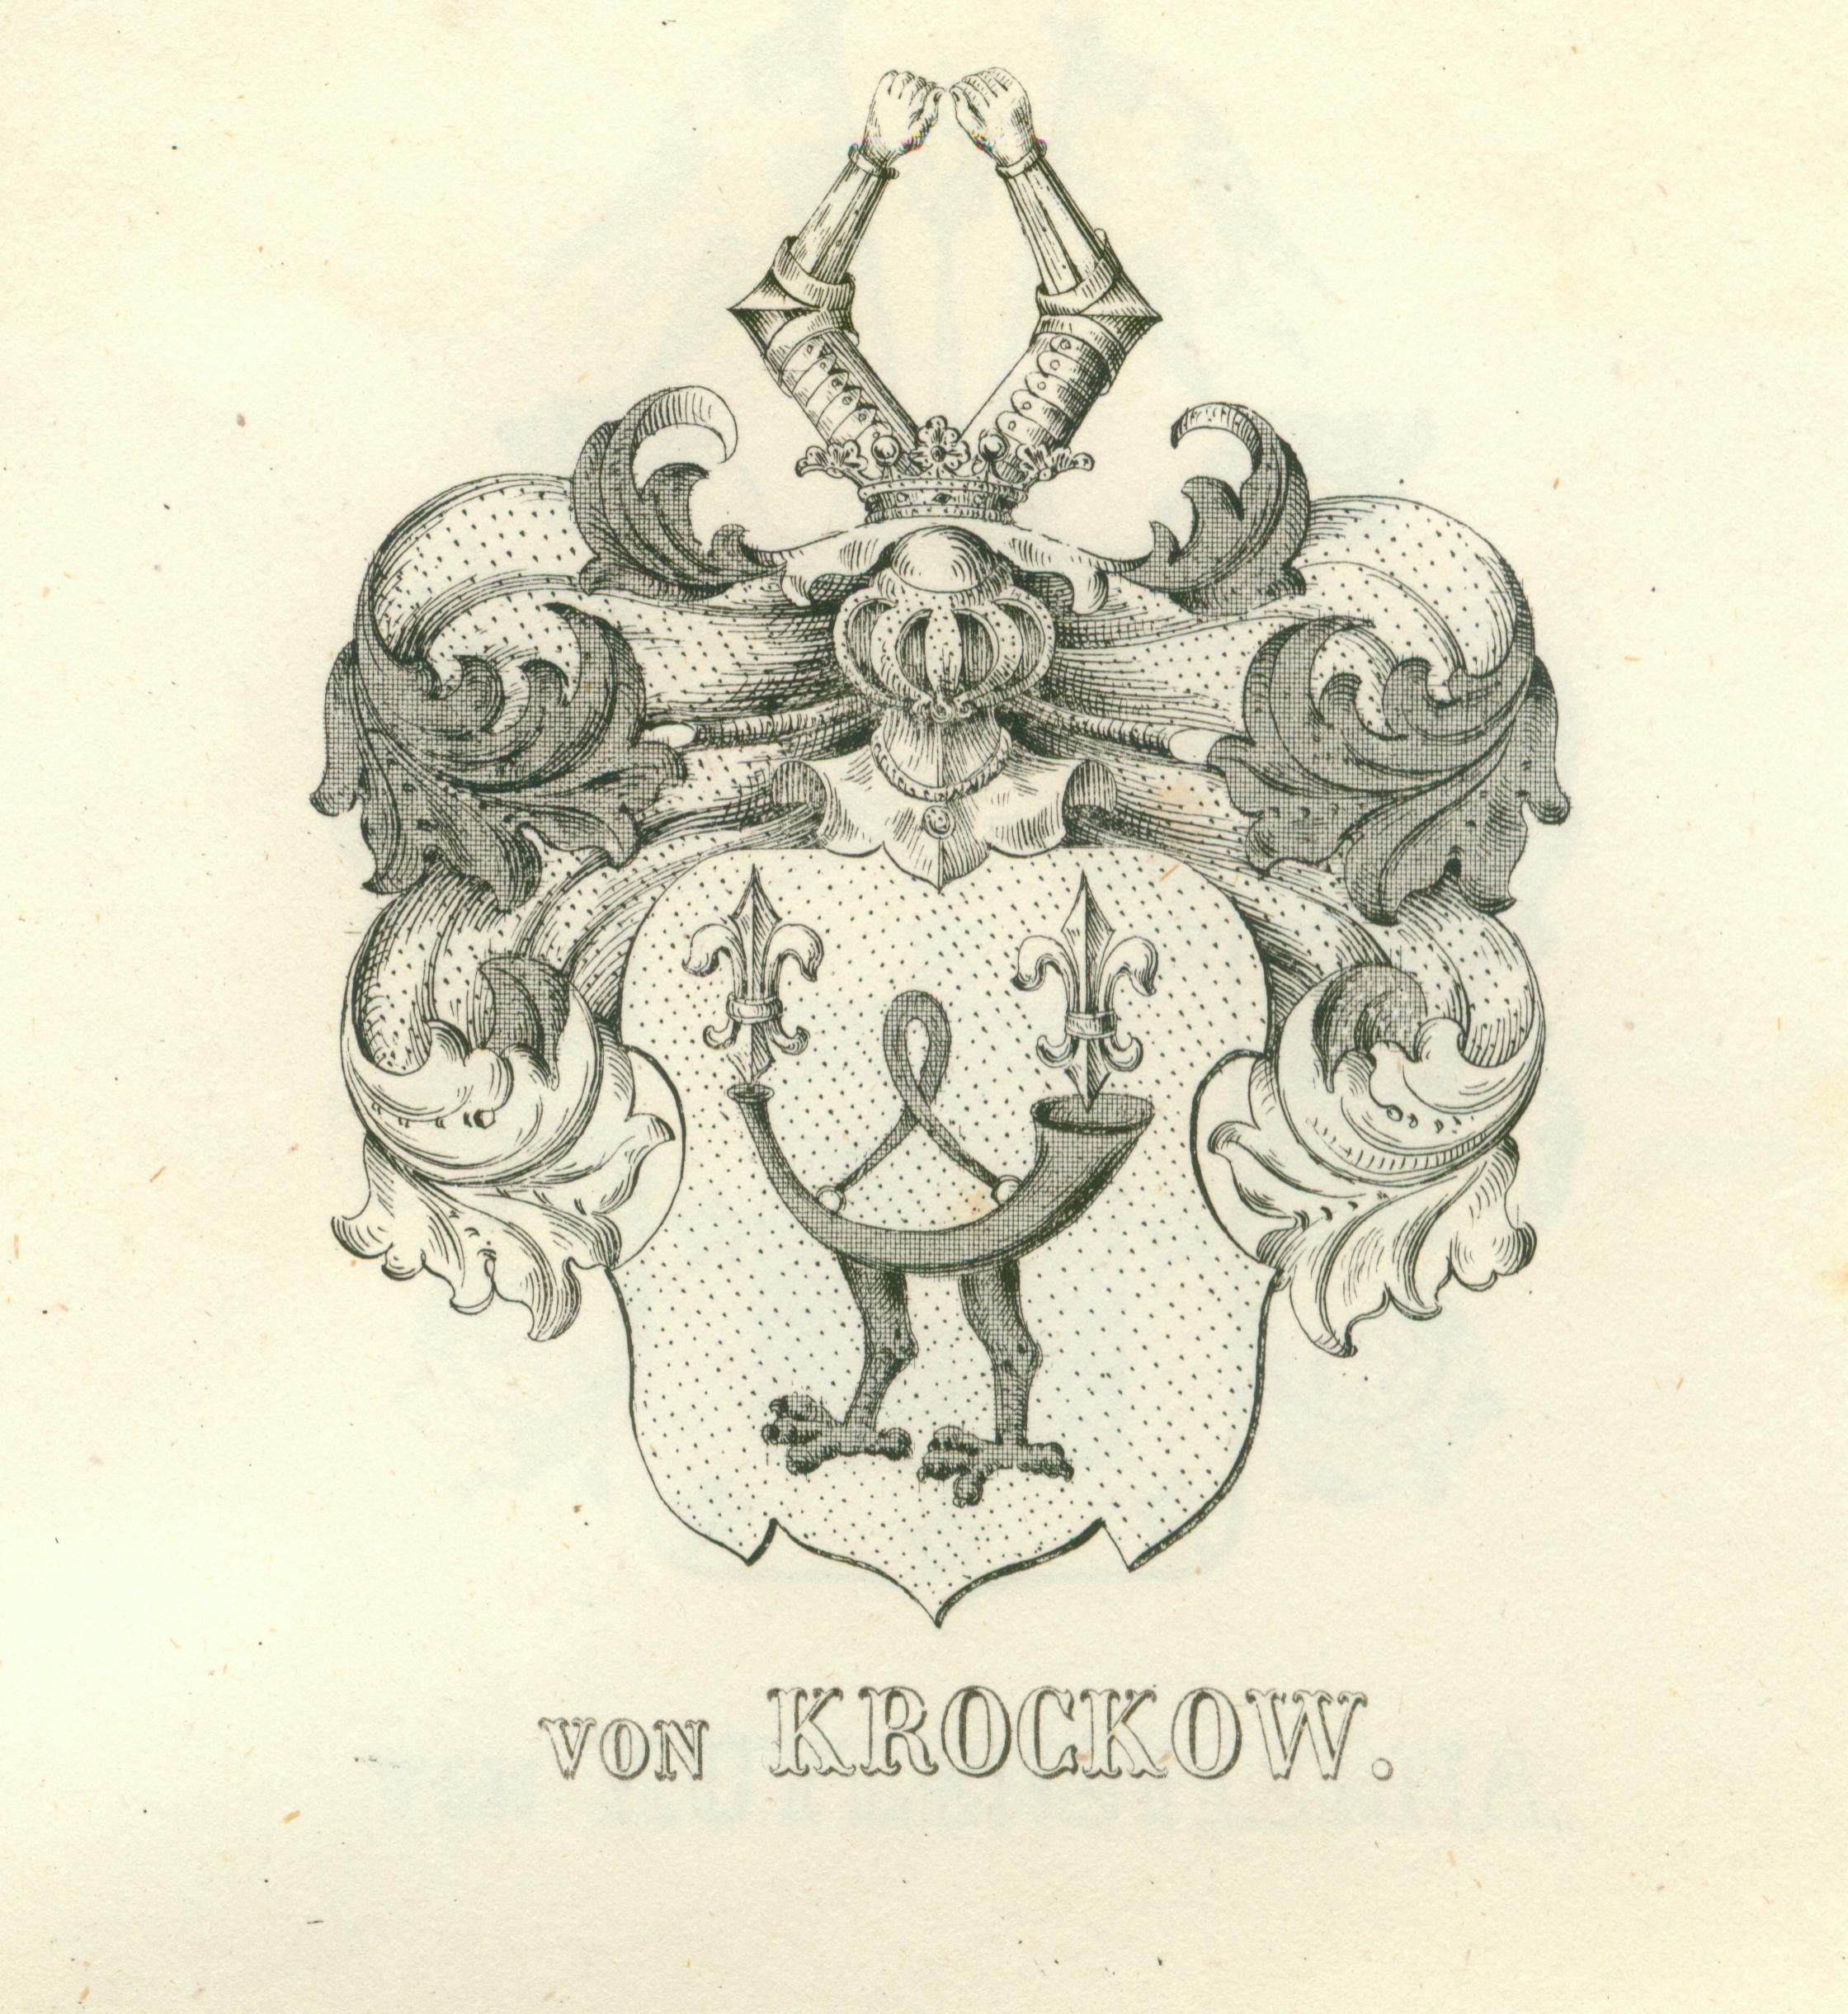 Krockow